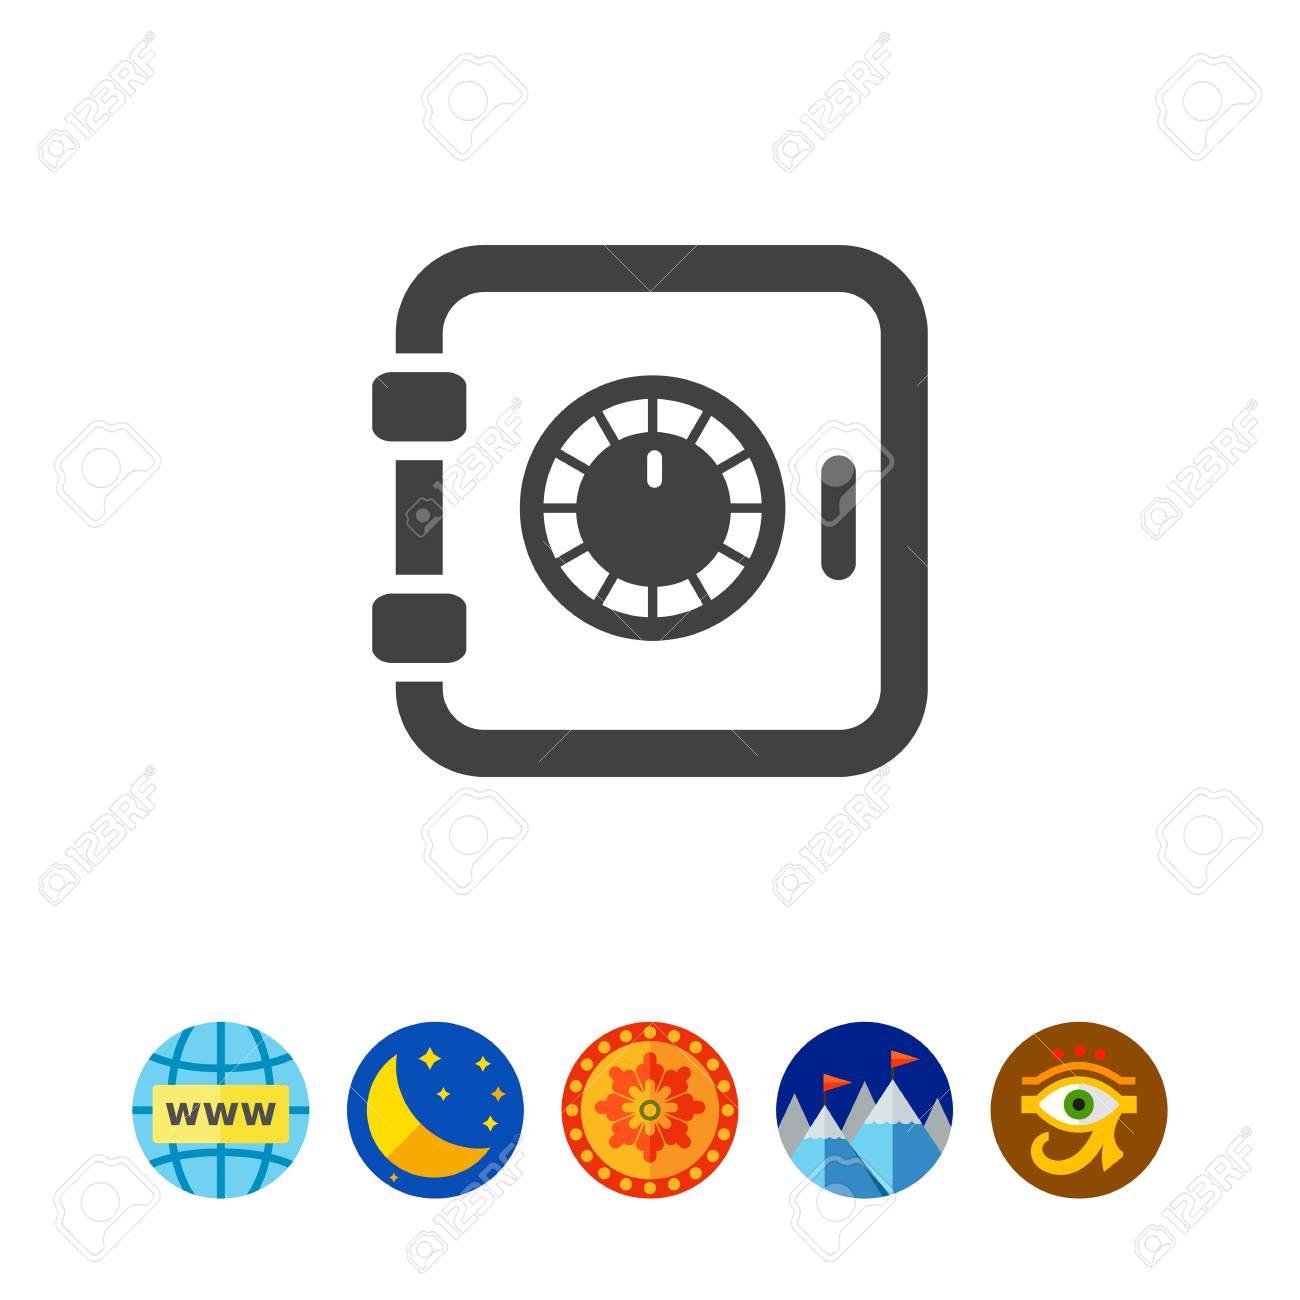 セーフ ボックス アイコンのイラスト素材ベクタ Image 80472730